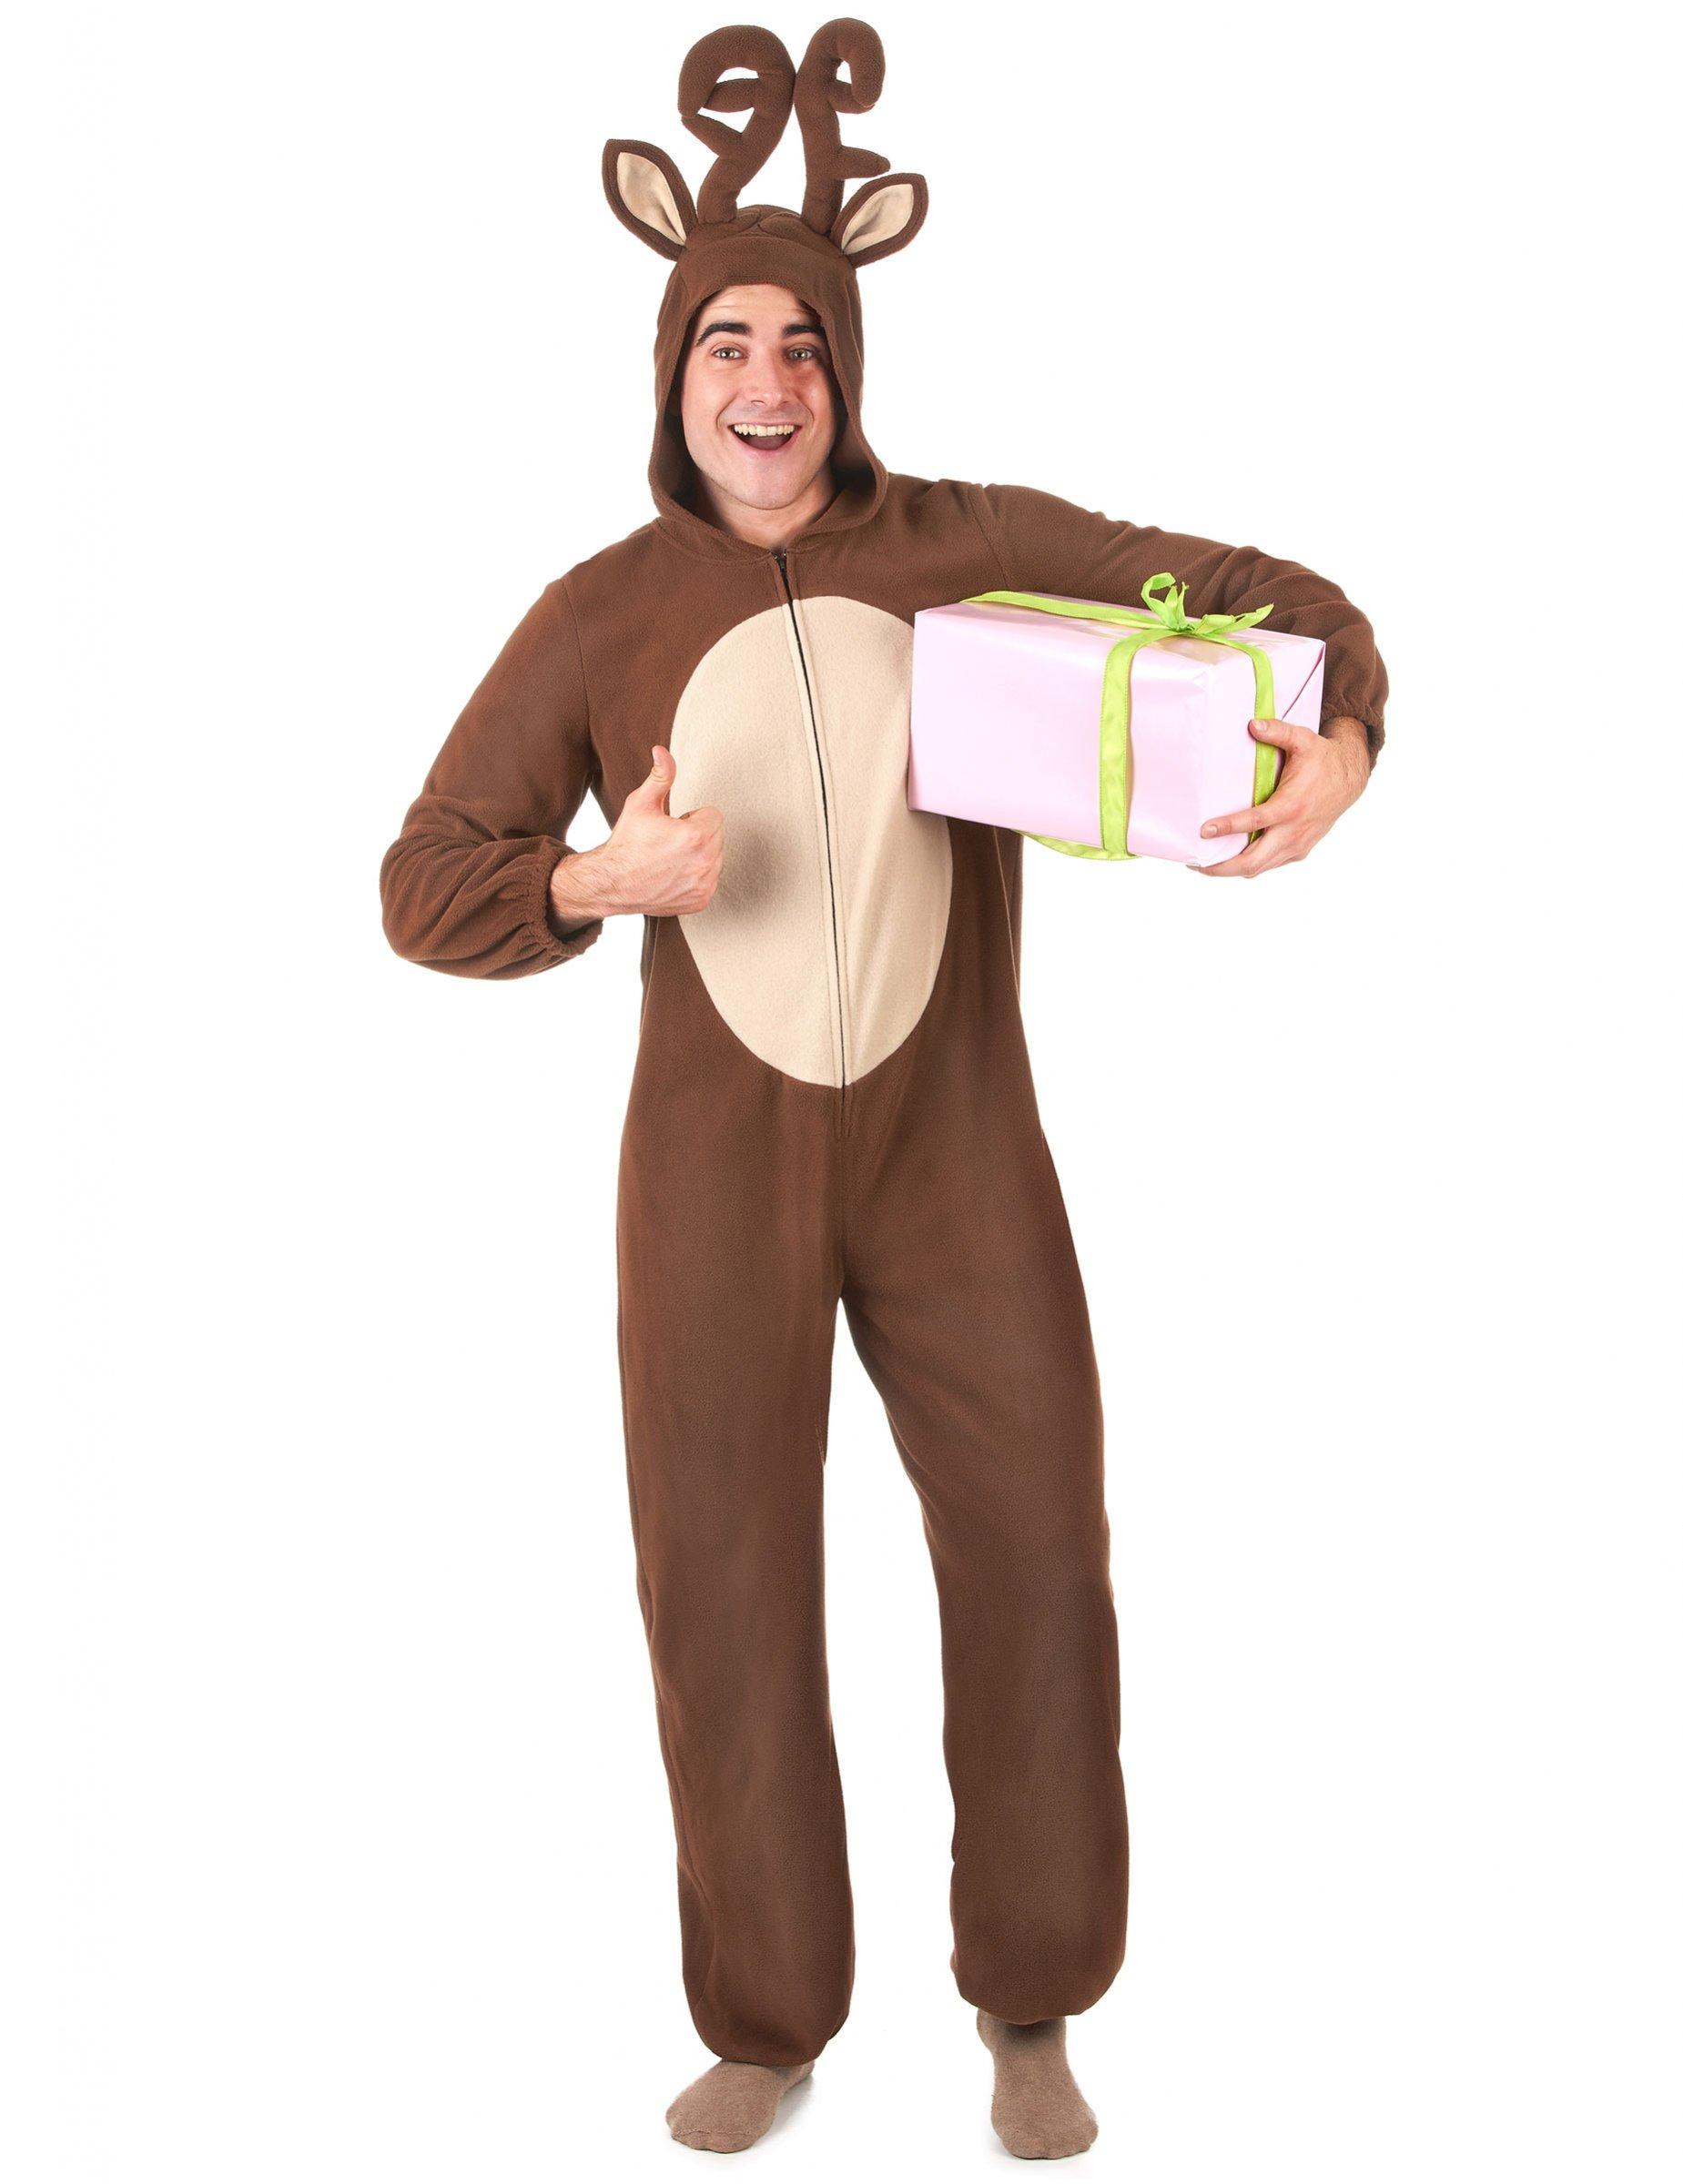 Jumpsuit Weihnachten.Rentier Kostum Jumpsuit Weihnachten Braun Beige